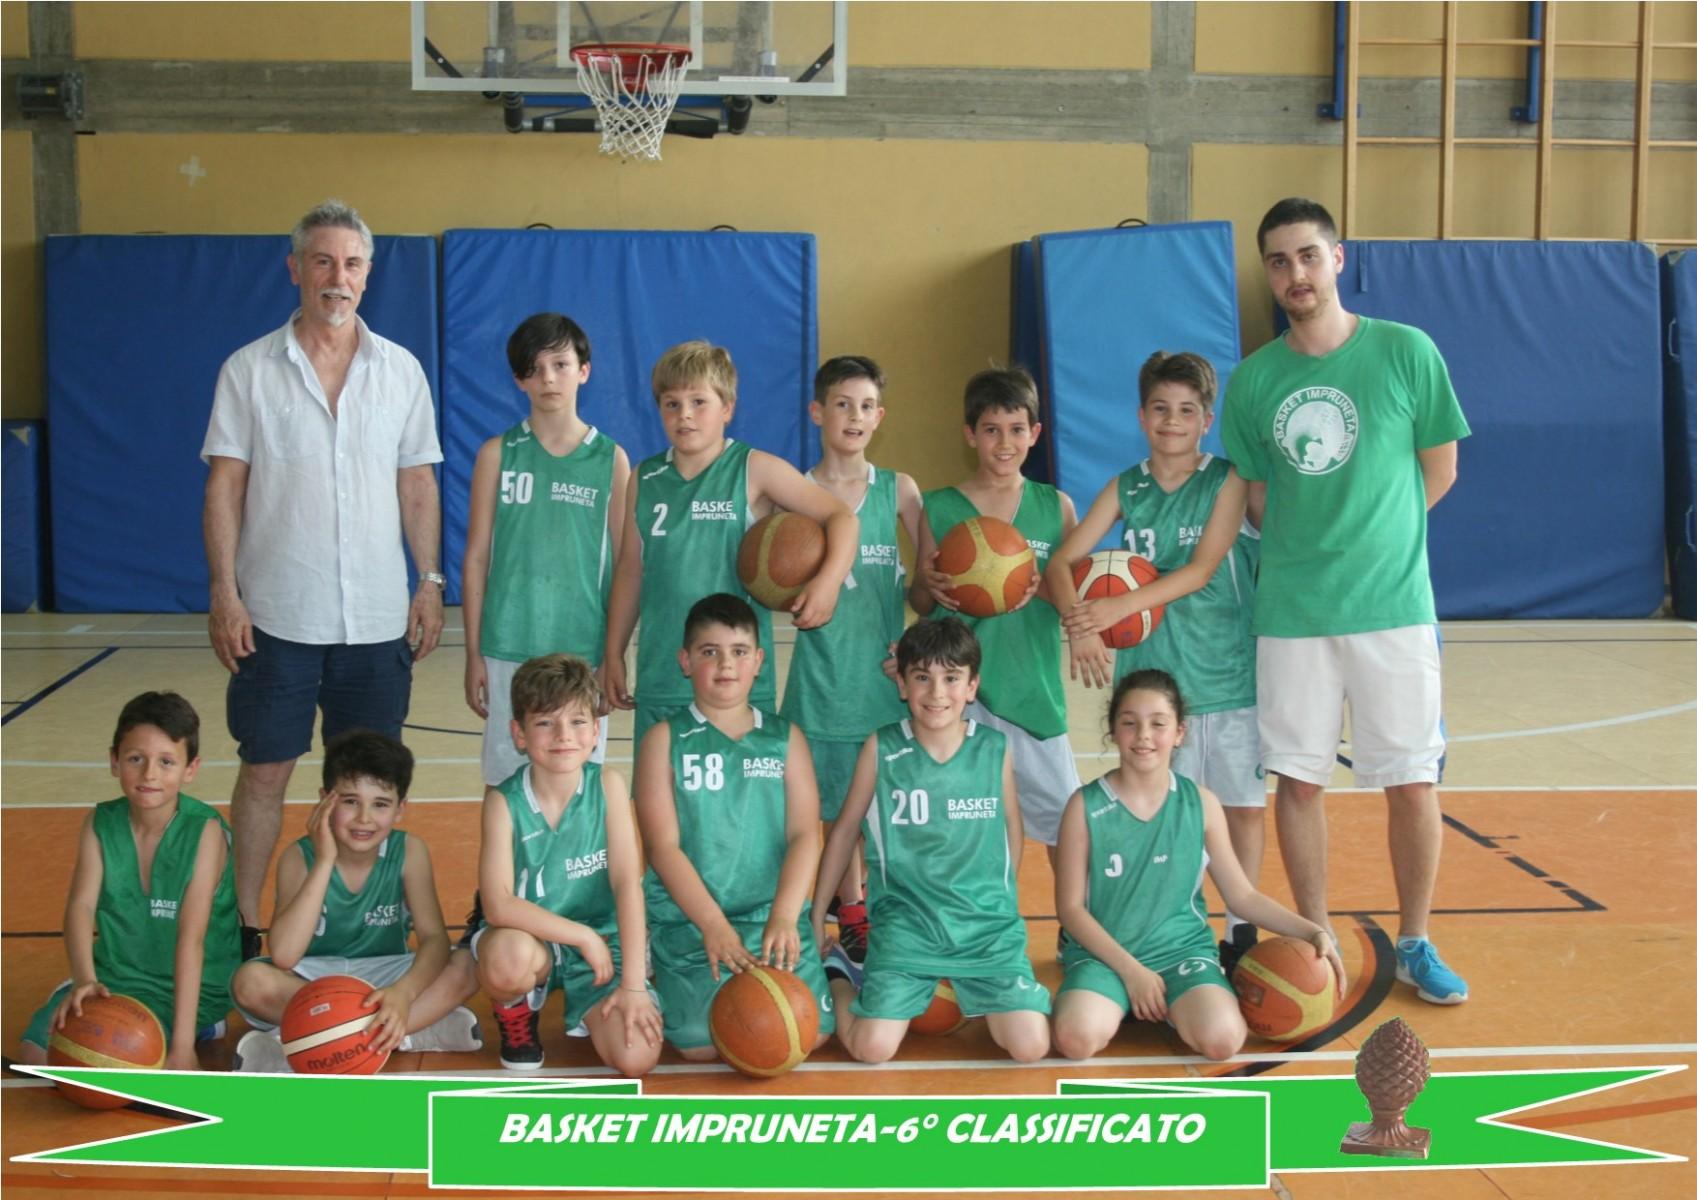 Basket-Impruneta